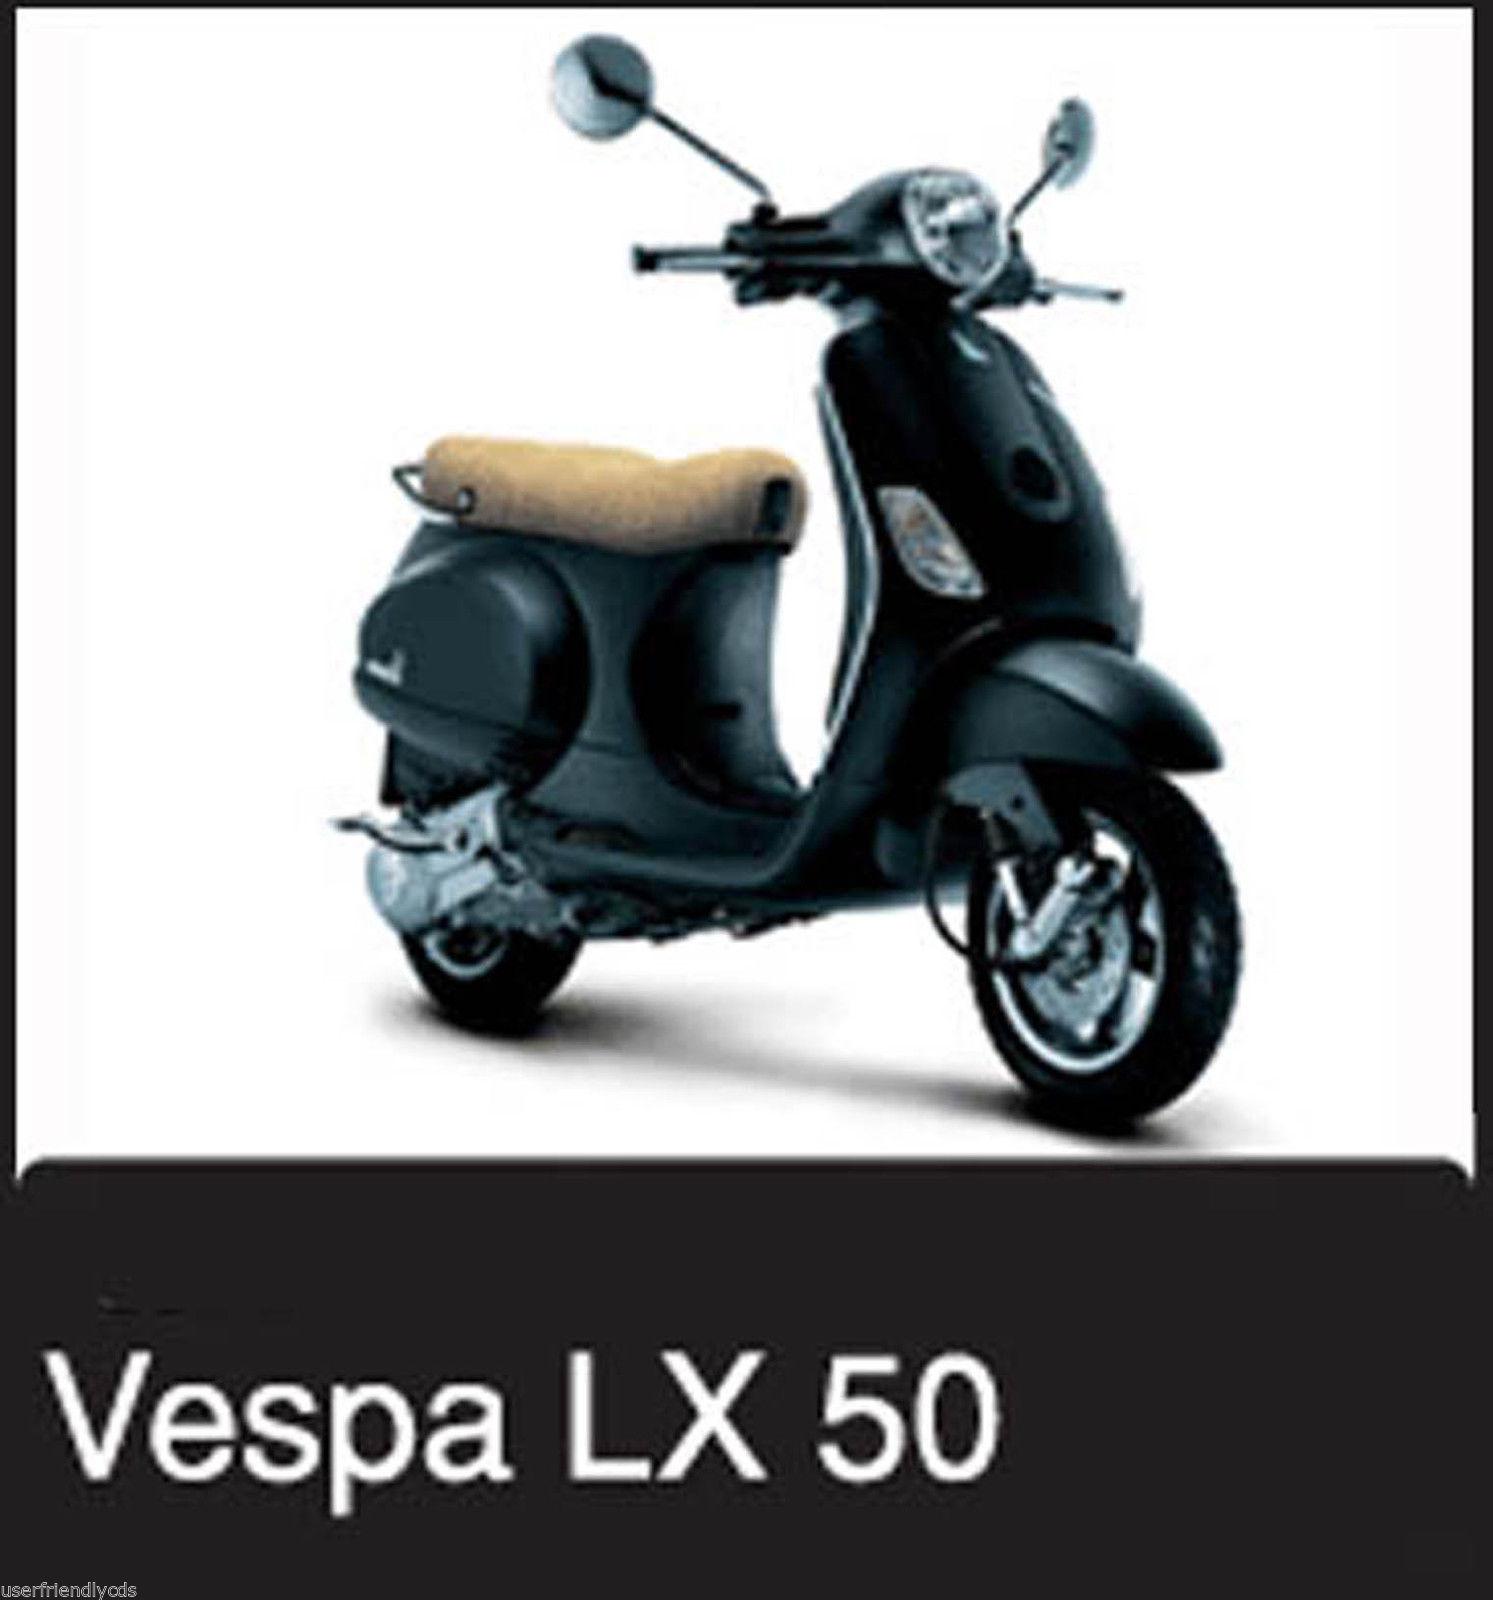 kgrhqf rce yo5hrkobp5ufktdz 60 57. kgrhqf rce yo5hrkobp5ufktdz 60 57. VESPA  LX 50 LX50 Scooter SERVICE Repair MANUAL Illustrated ...